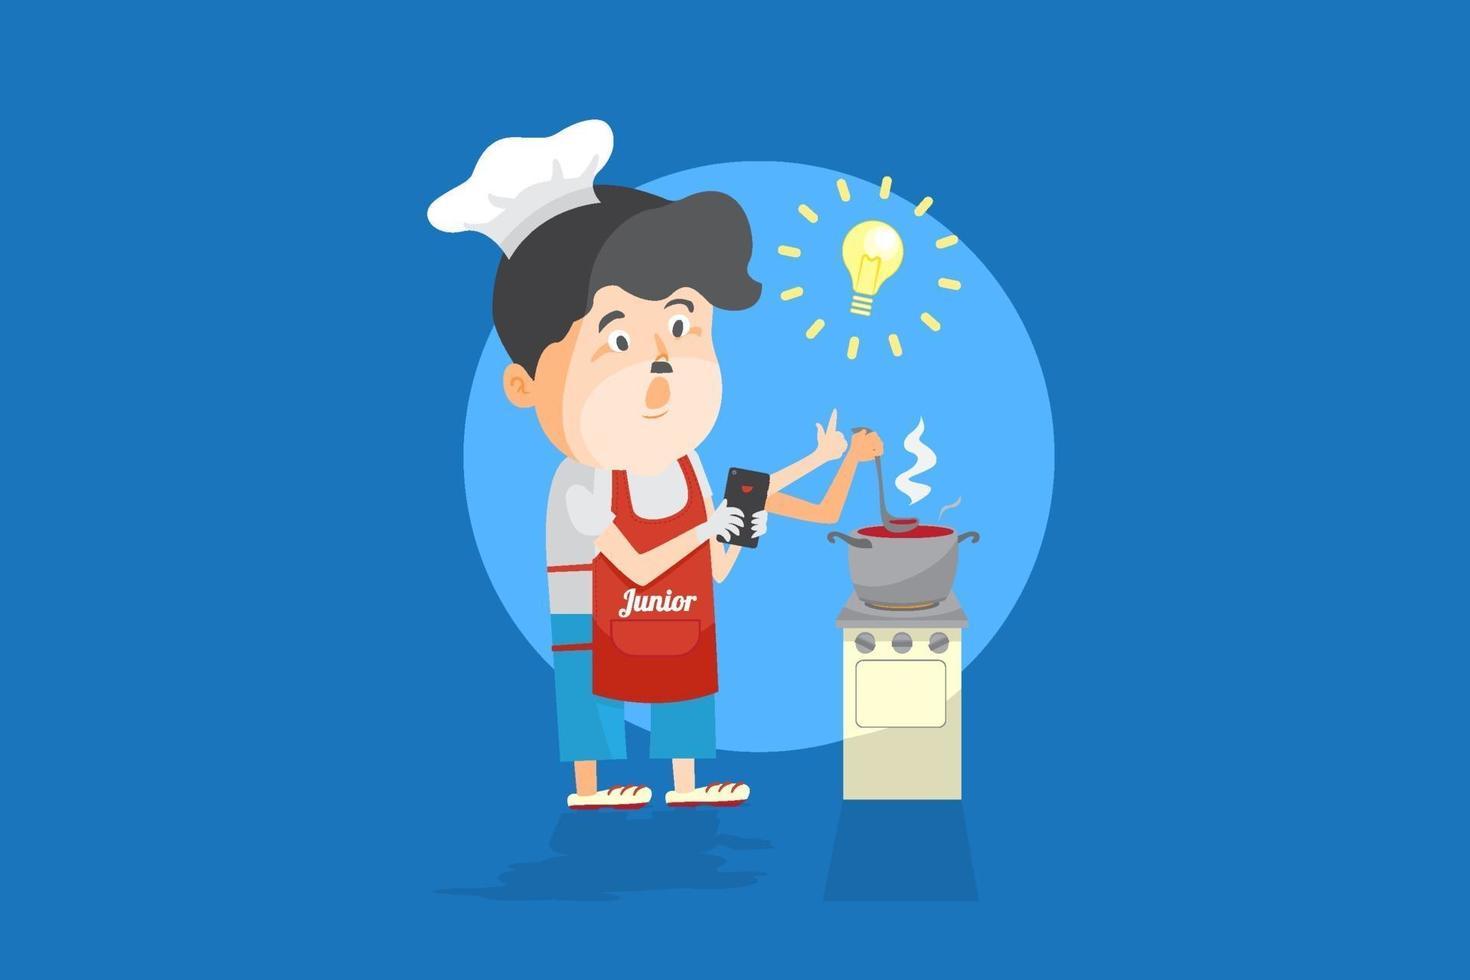 Amateurkoch lernen Lebensmittelkurs Form Online-Lektion in Smartphone, studieren in Kochkurs Online-Streaming, wie von Angesicht zu Angesicht Training Cartoon flache Vektor-Illustration. vektor